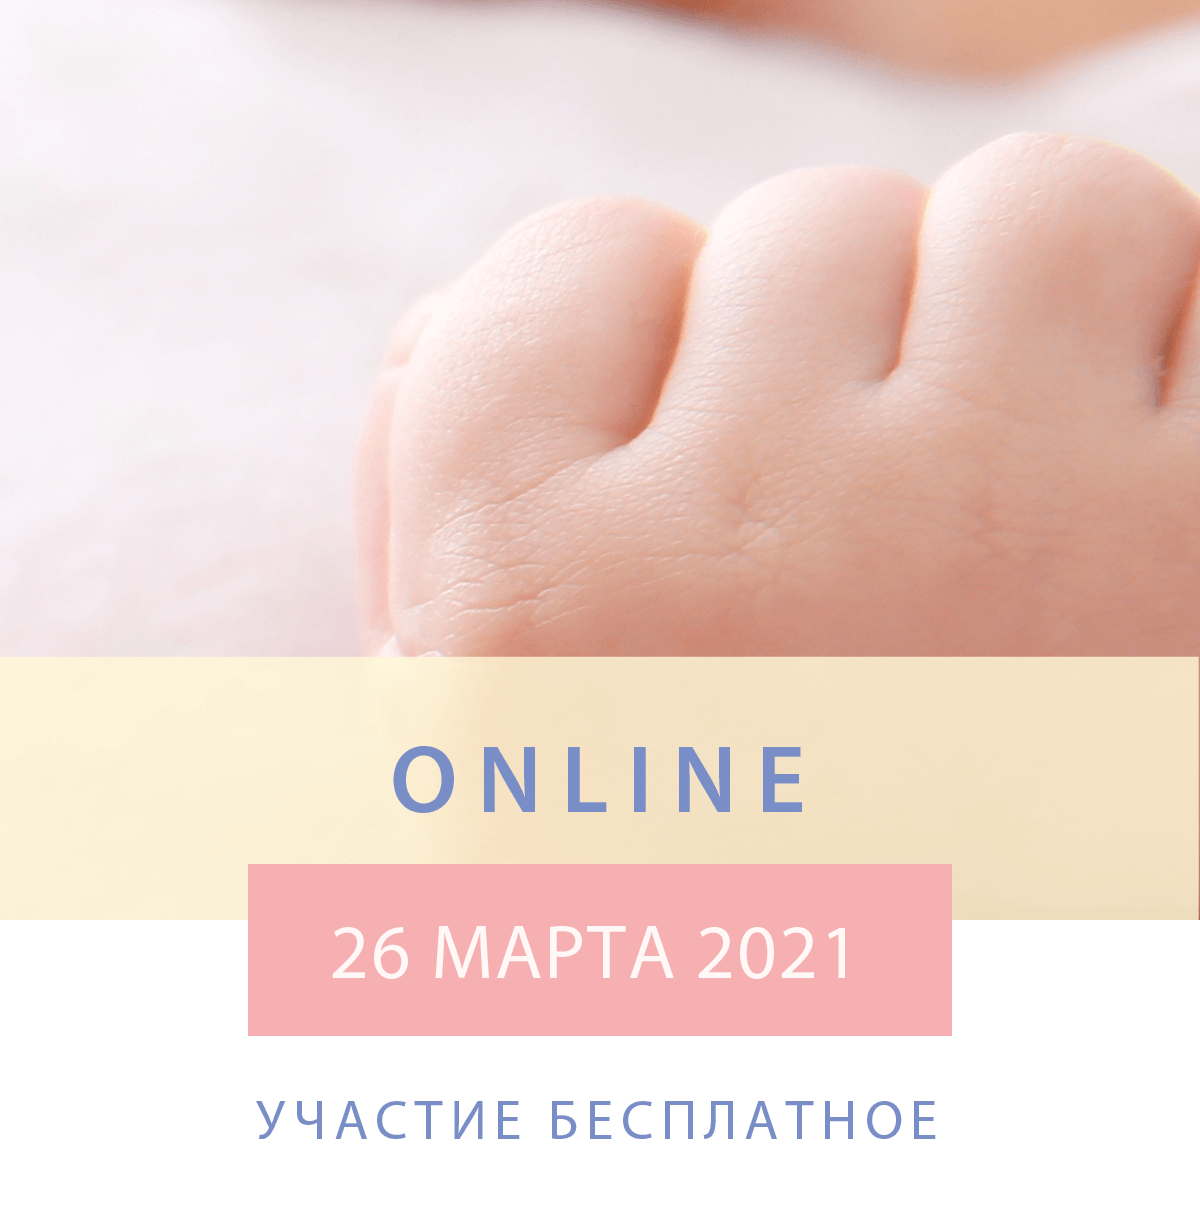 Современные подходы к репродуктивным технологиям Онлайн. 26.03.2021